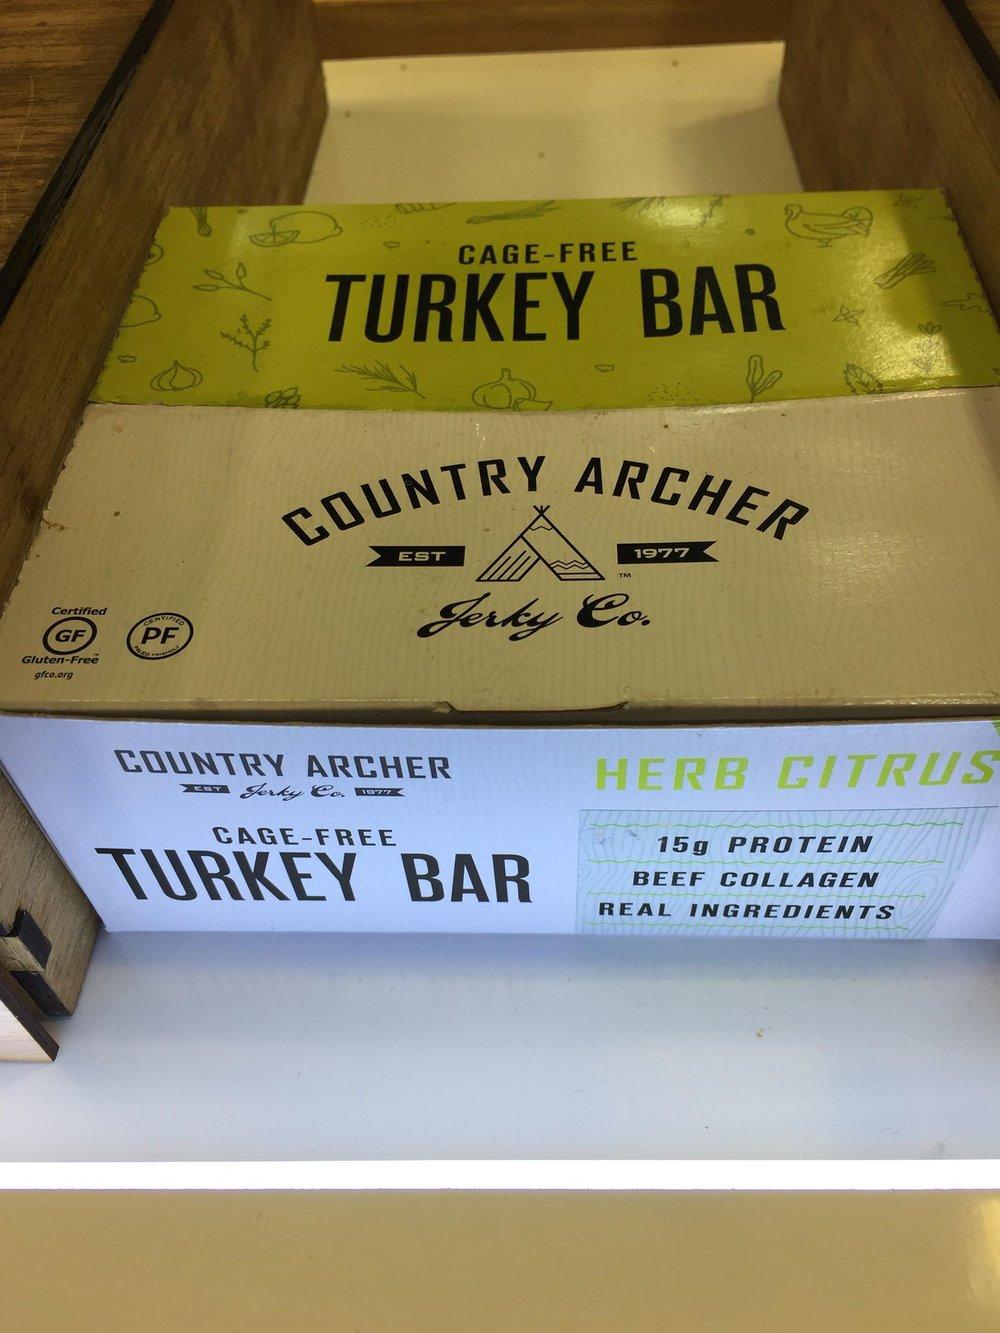 Country Archer Turkey Bar